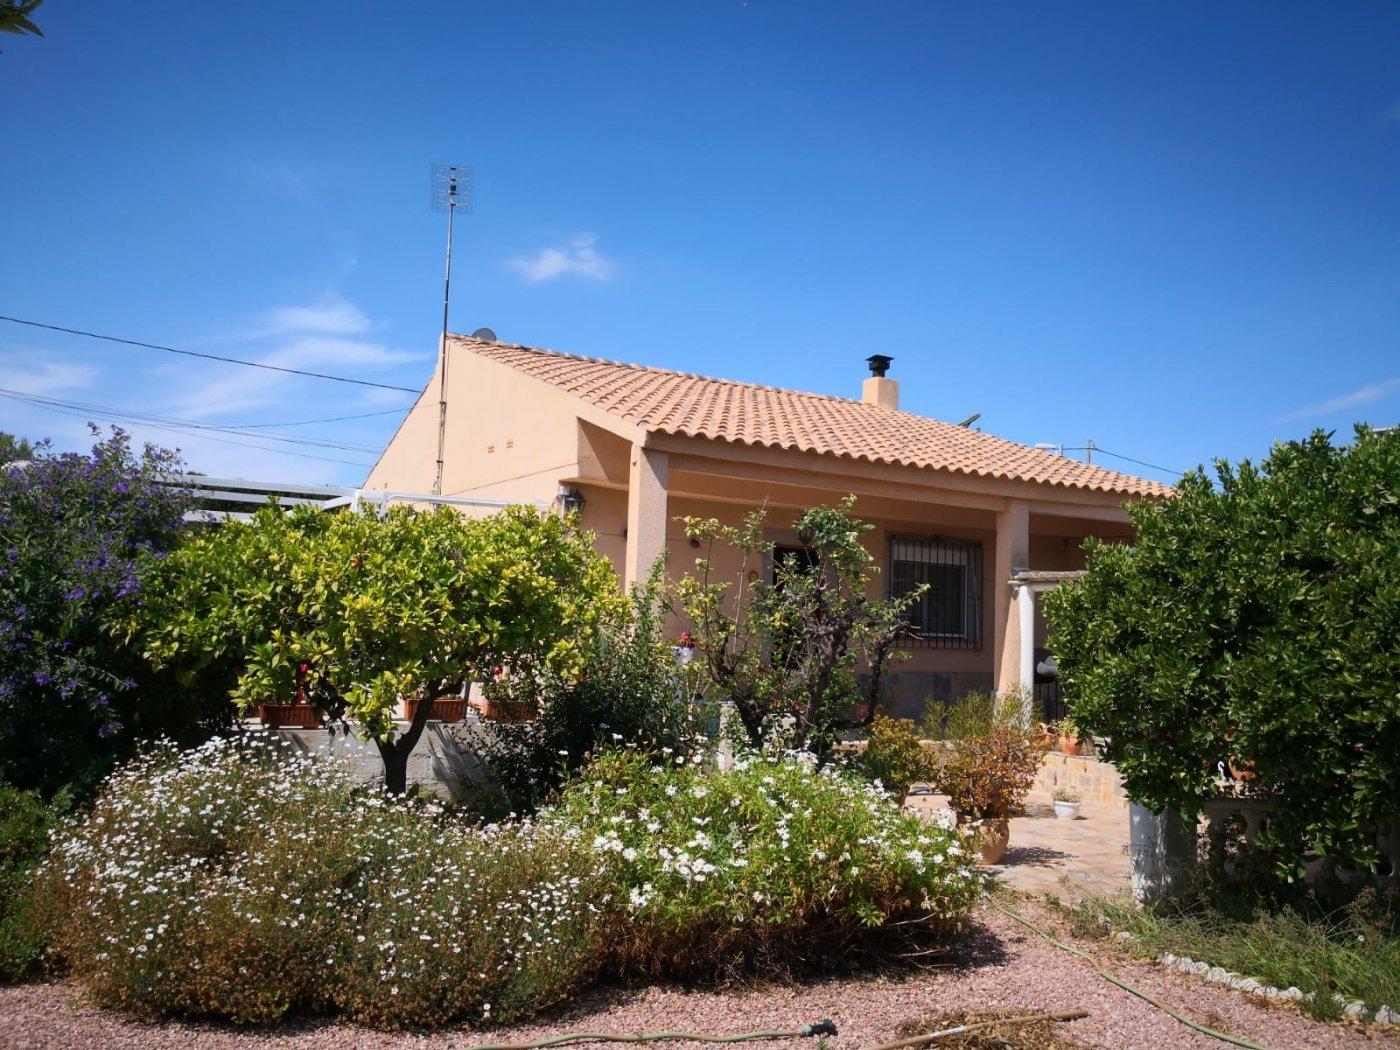 Chalet de SegundaMano en Villafranqueza Alicante